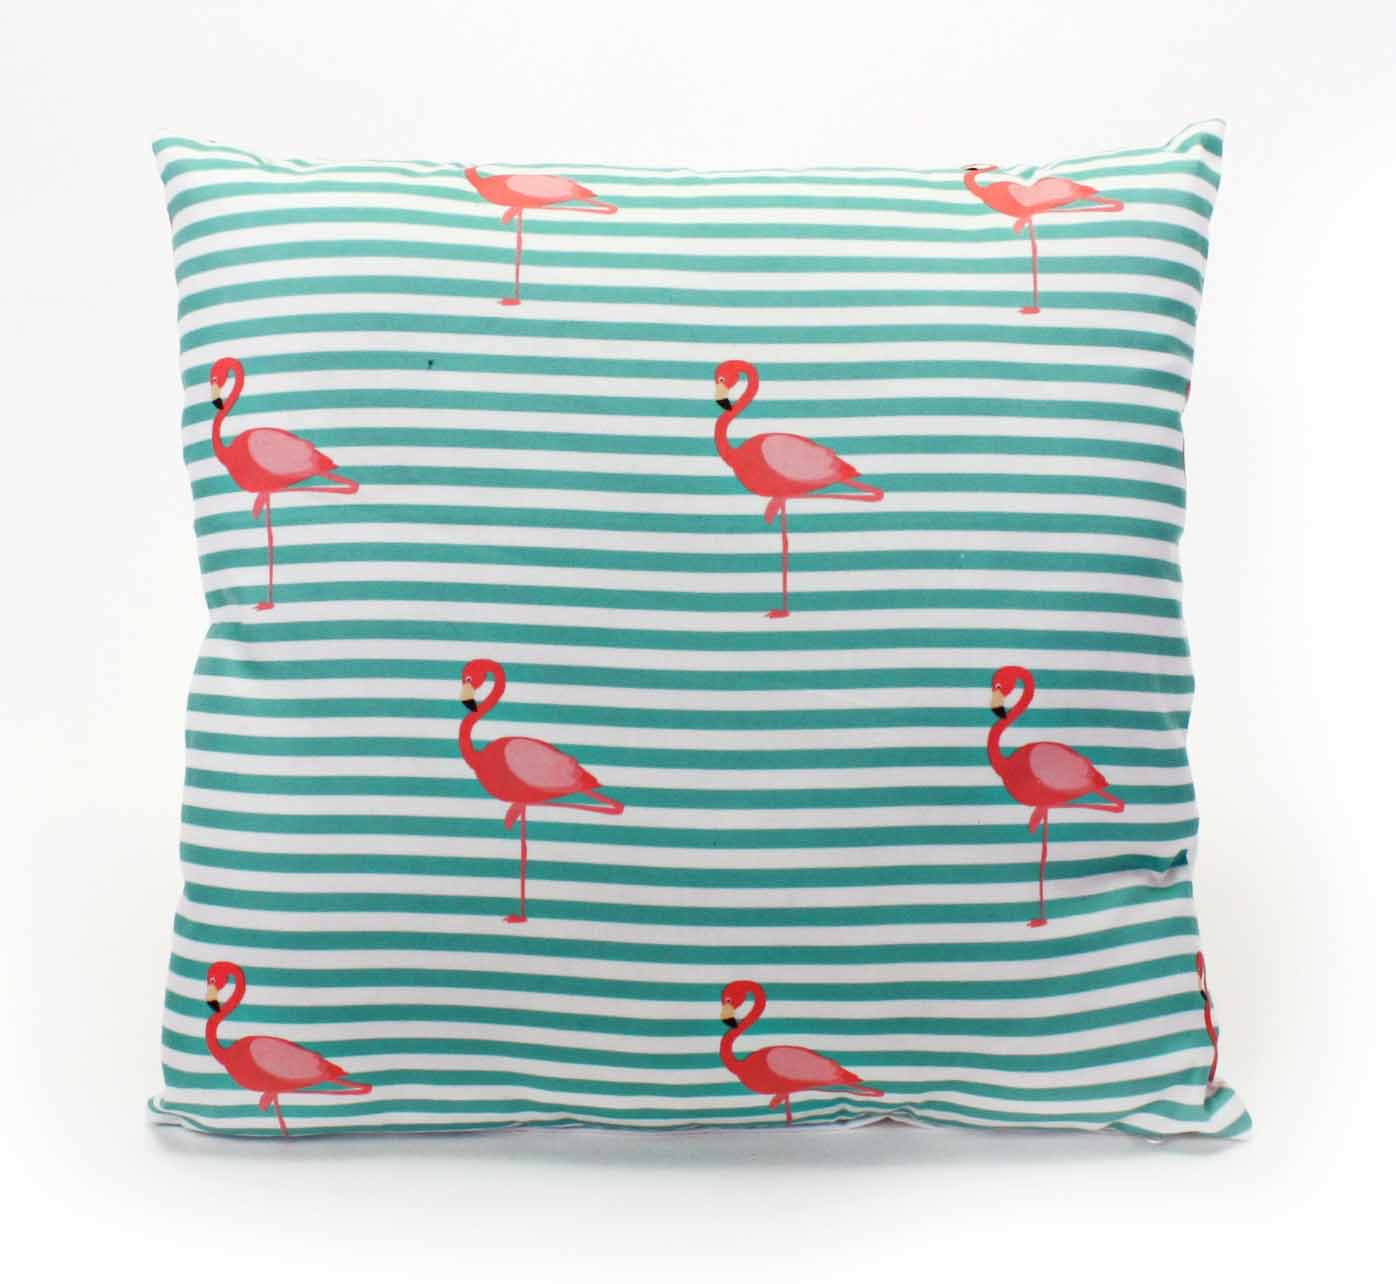 Kissen in Türkis mit Streifen und Flamingo-Print